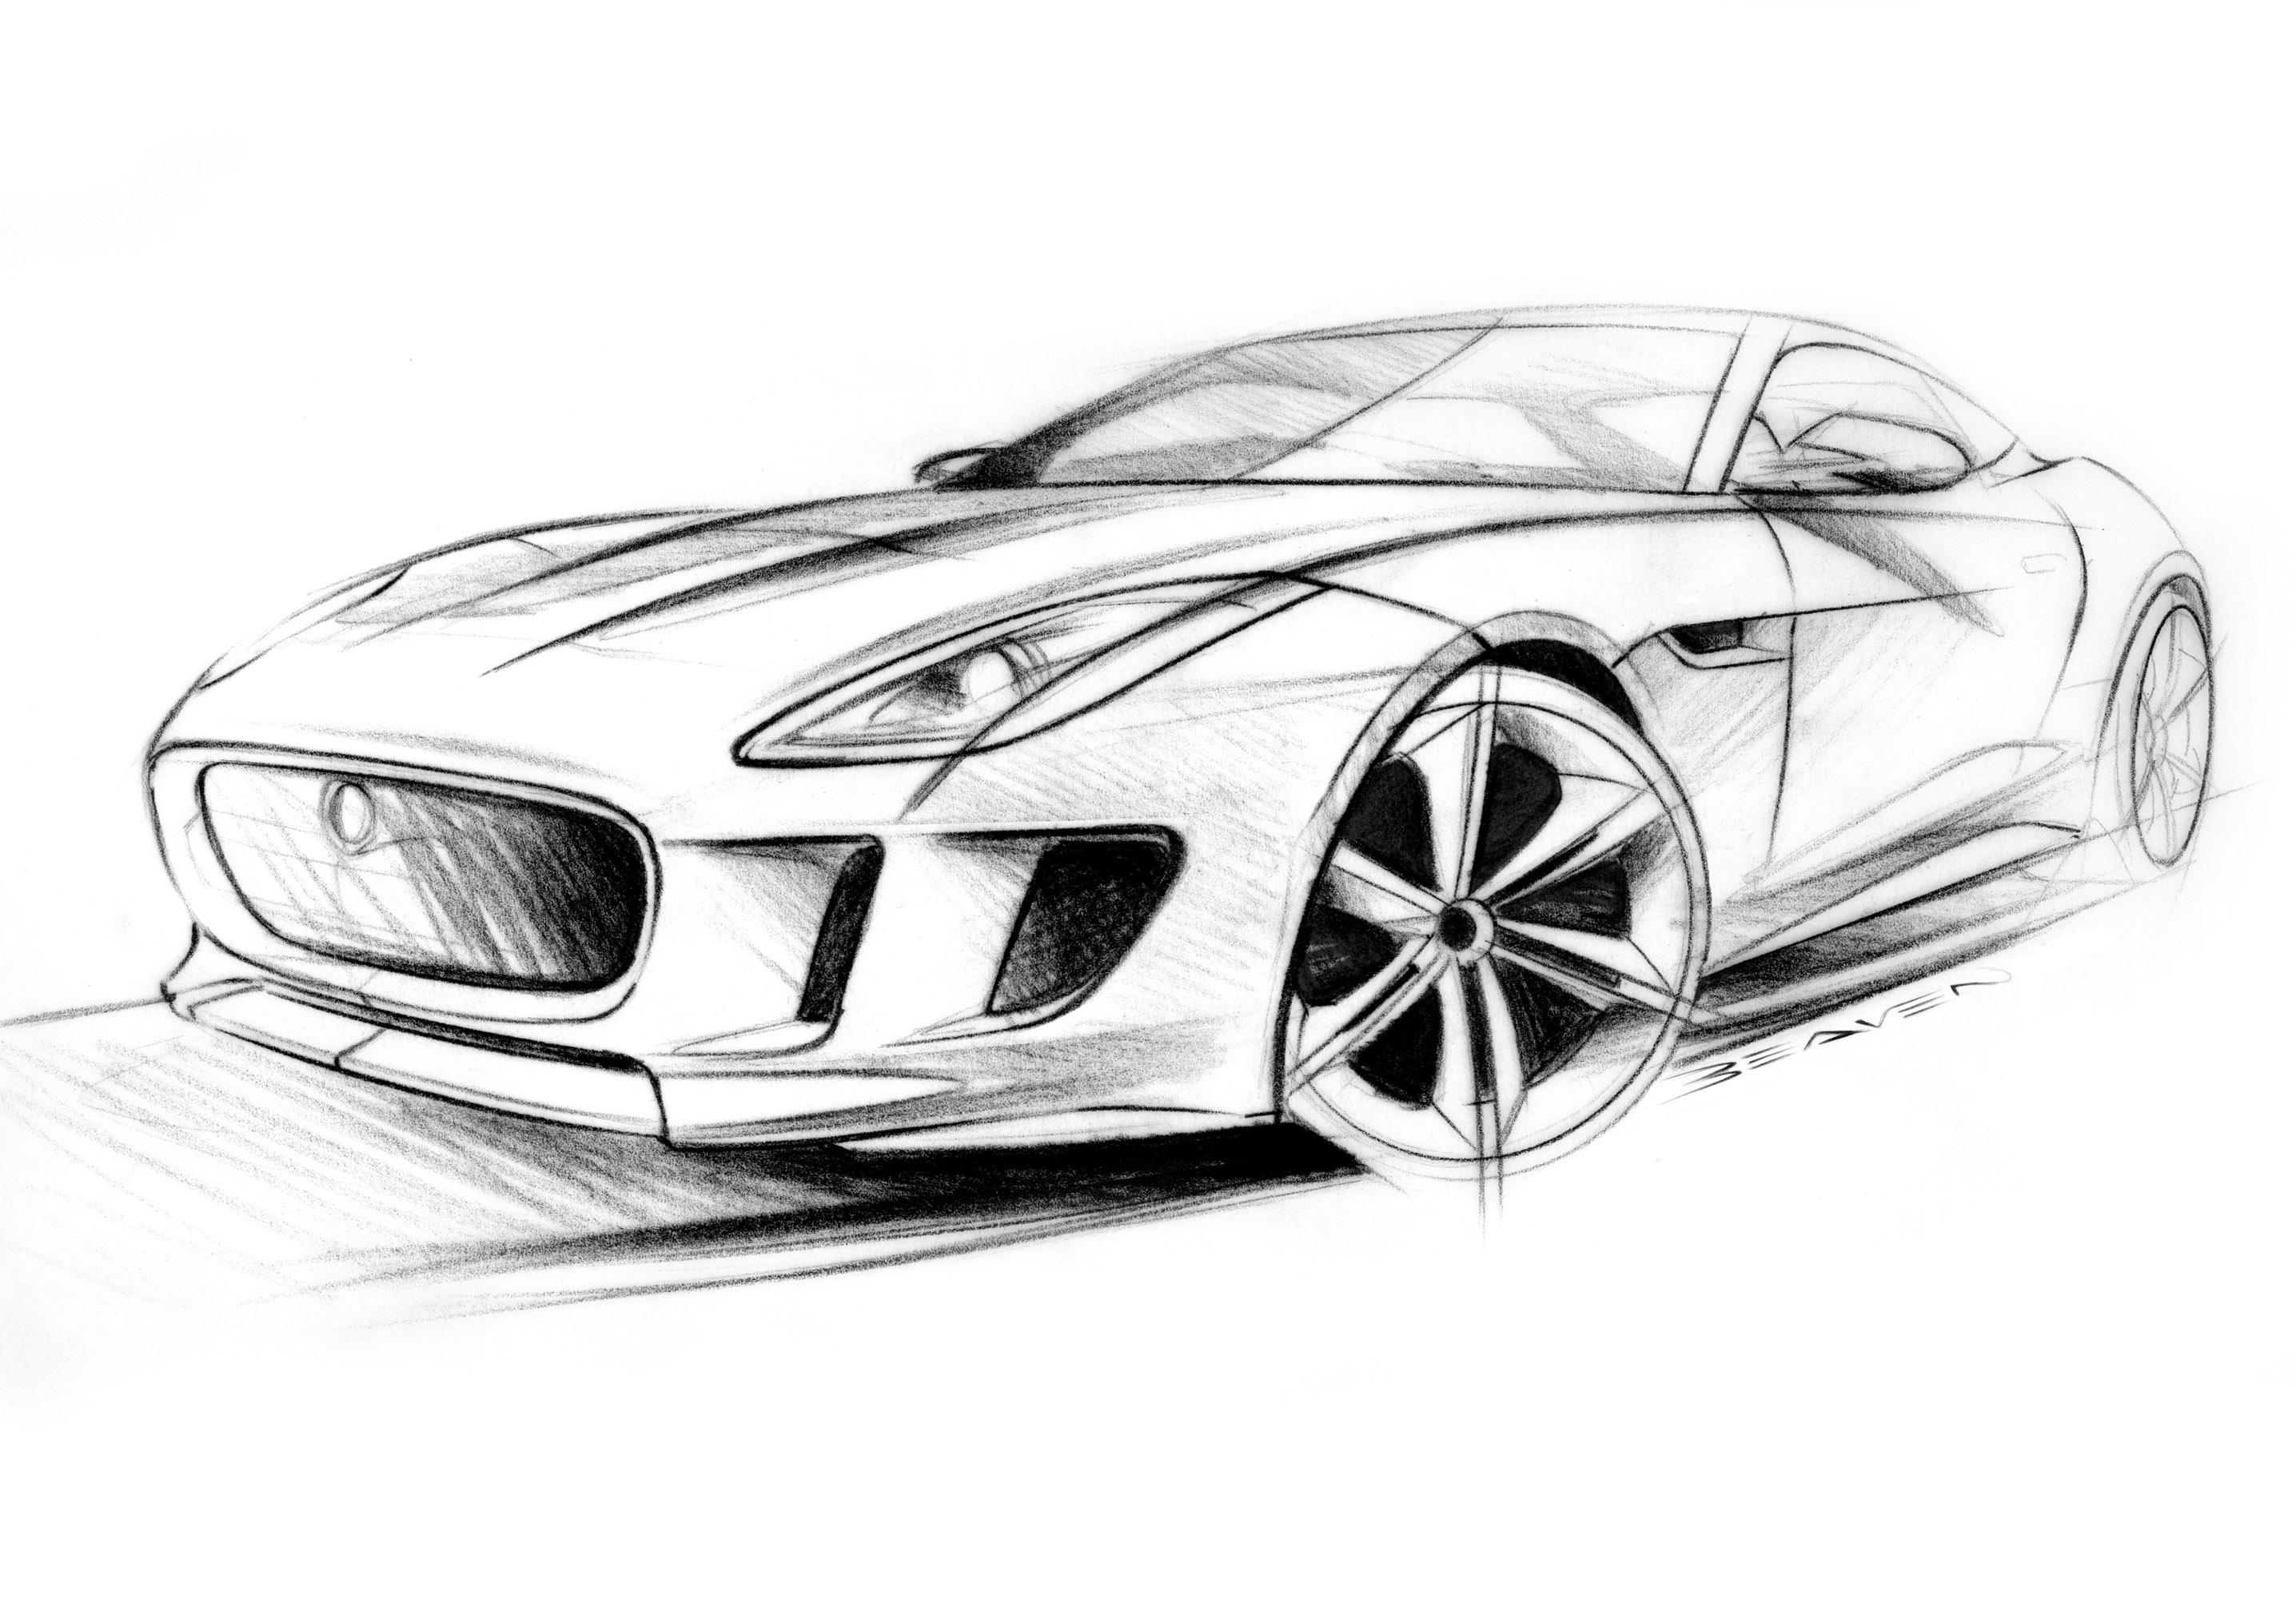 2011 jaguar c x16 concept supercar supercars drawing sketch pencil art wallpaper 2872x2000 80997 wallpaperup